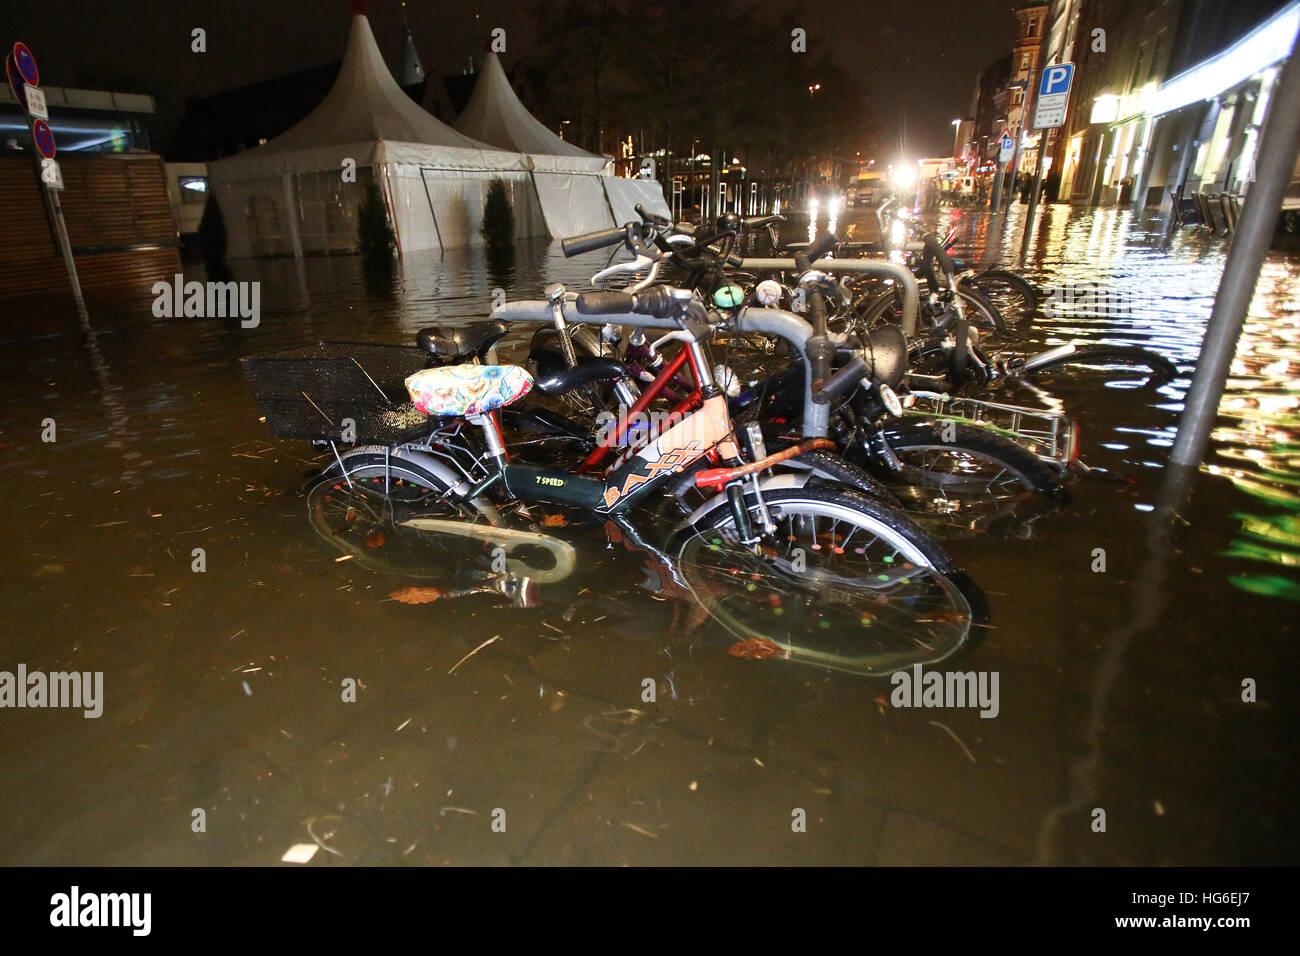 Luebeck, Allemagne. Jan 04, 2017. Des vélos dans une rue inondée à Luebeck, Allemagne, 04 janvier Photo Stock